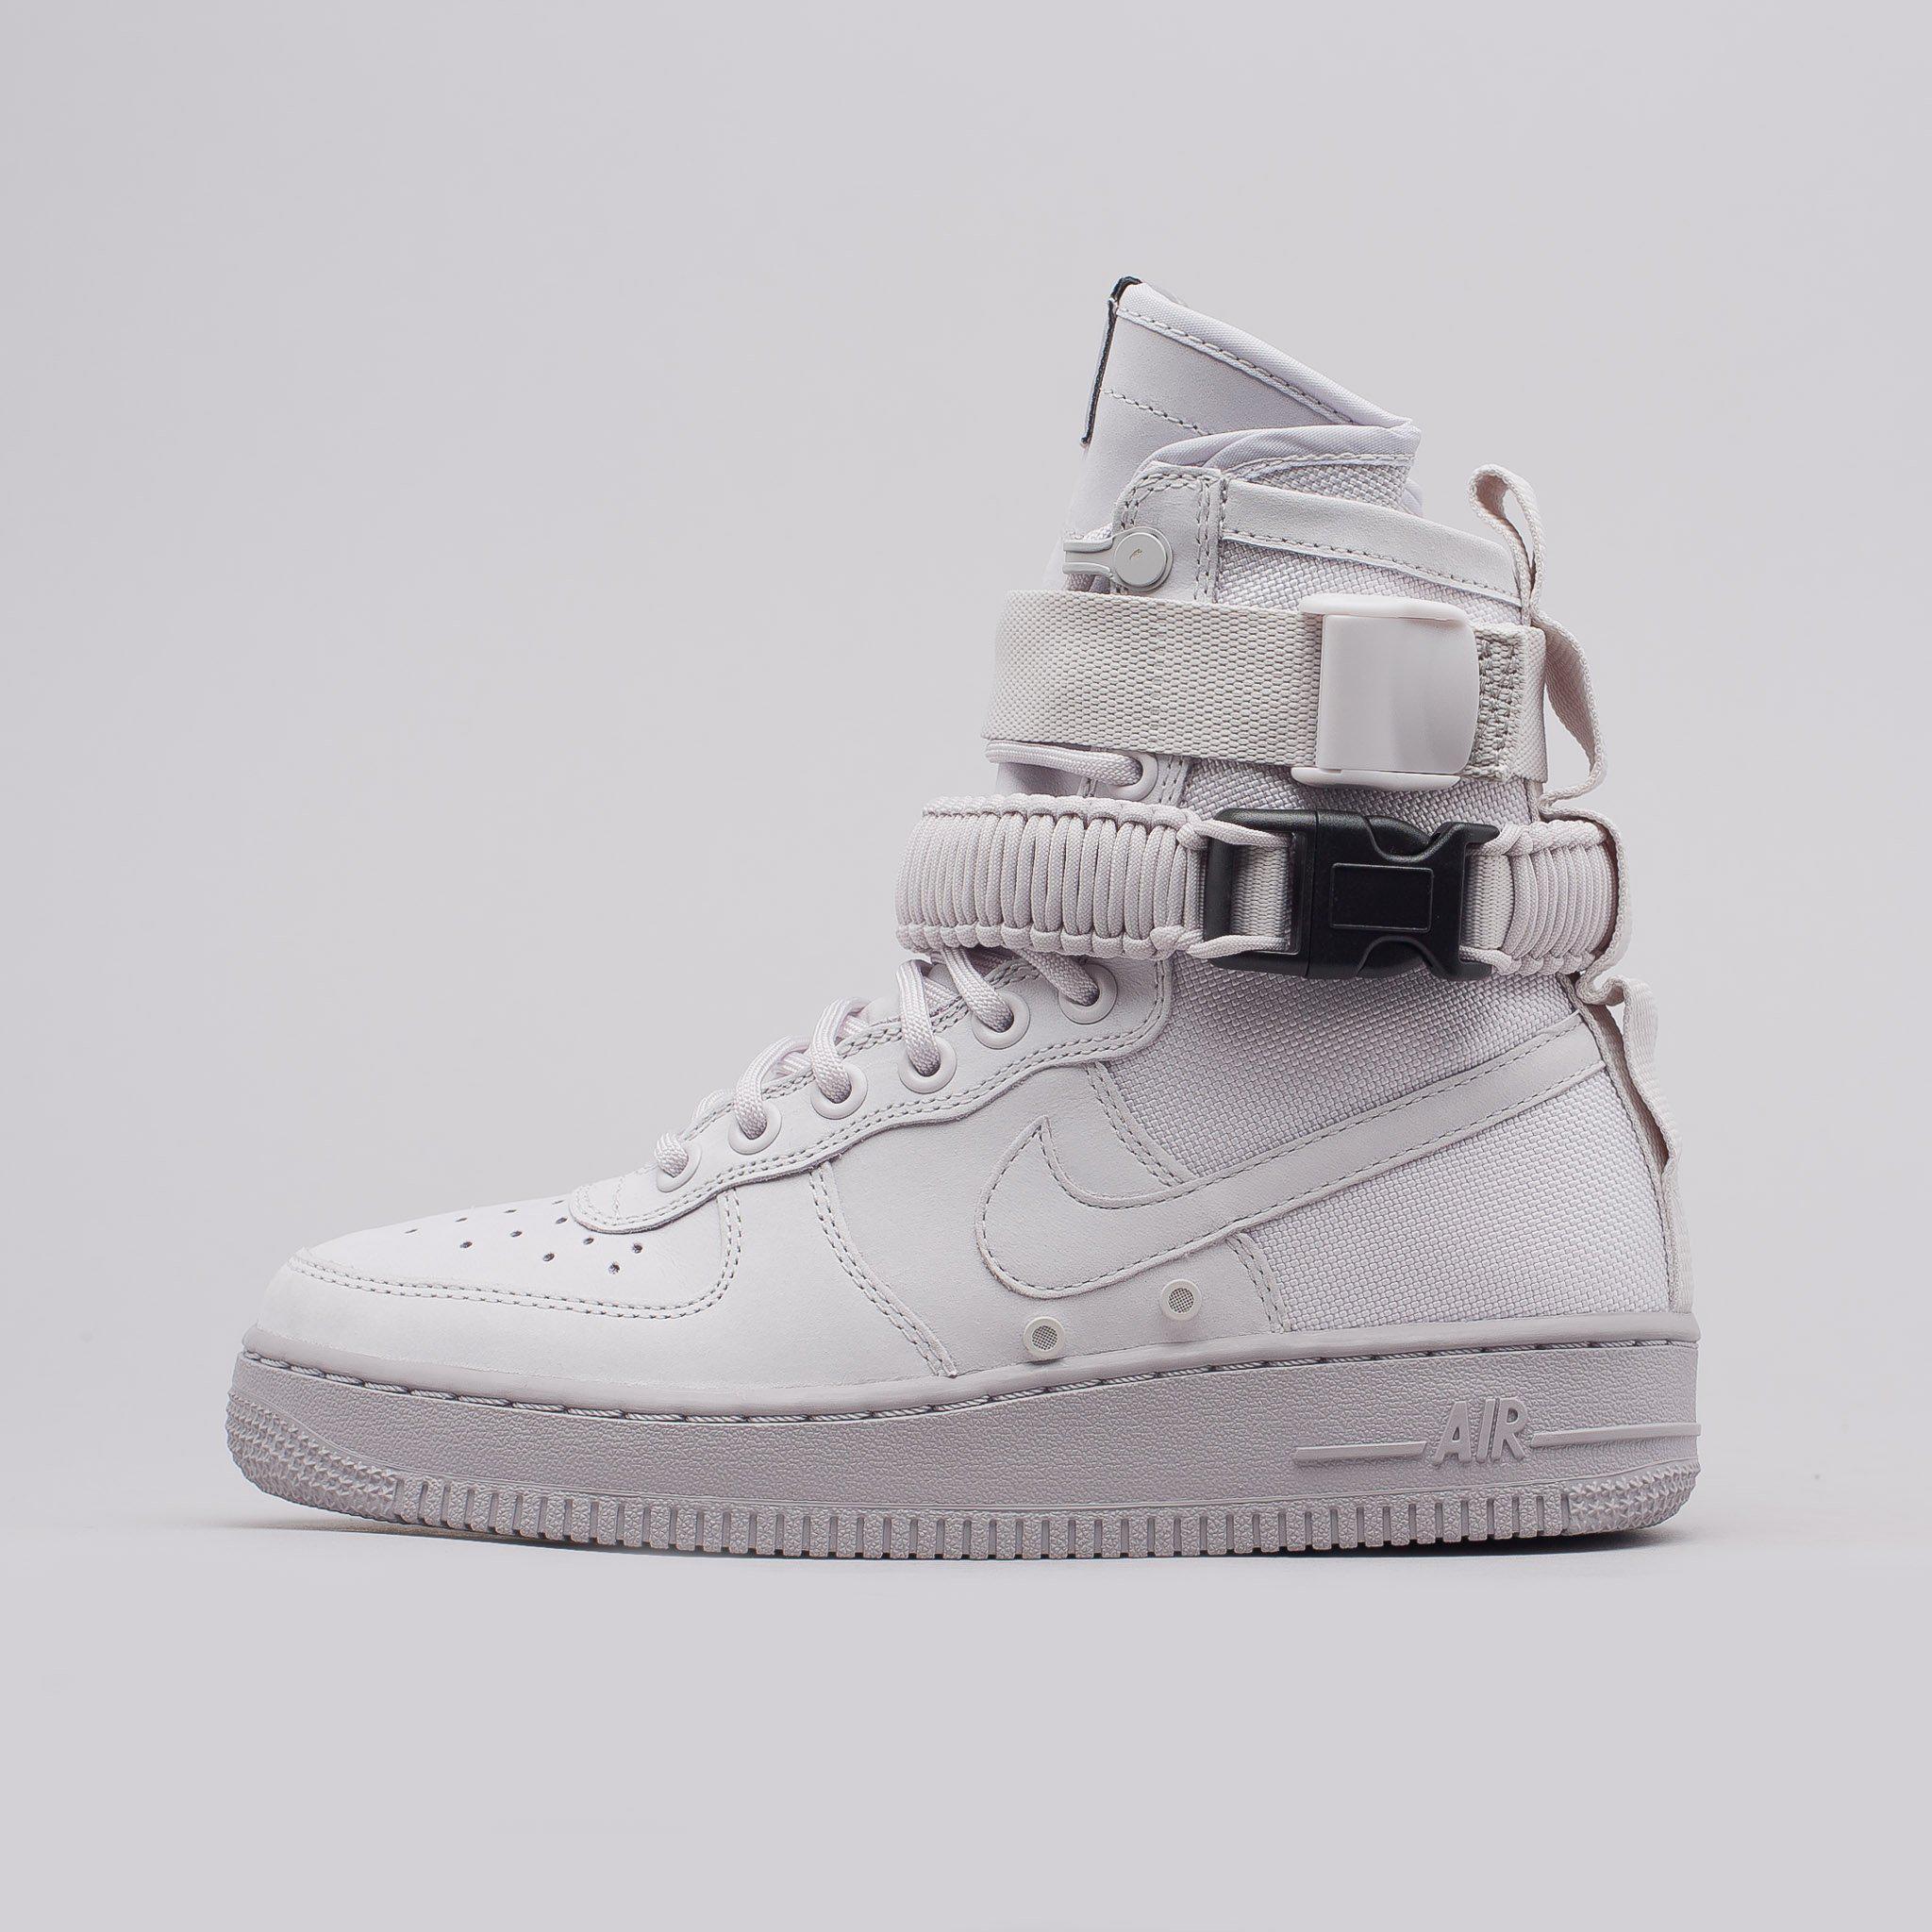 wyprzedaż buty na codzień nowe style Women's Special Field Air Force 1 In Vast Grey